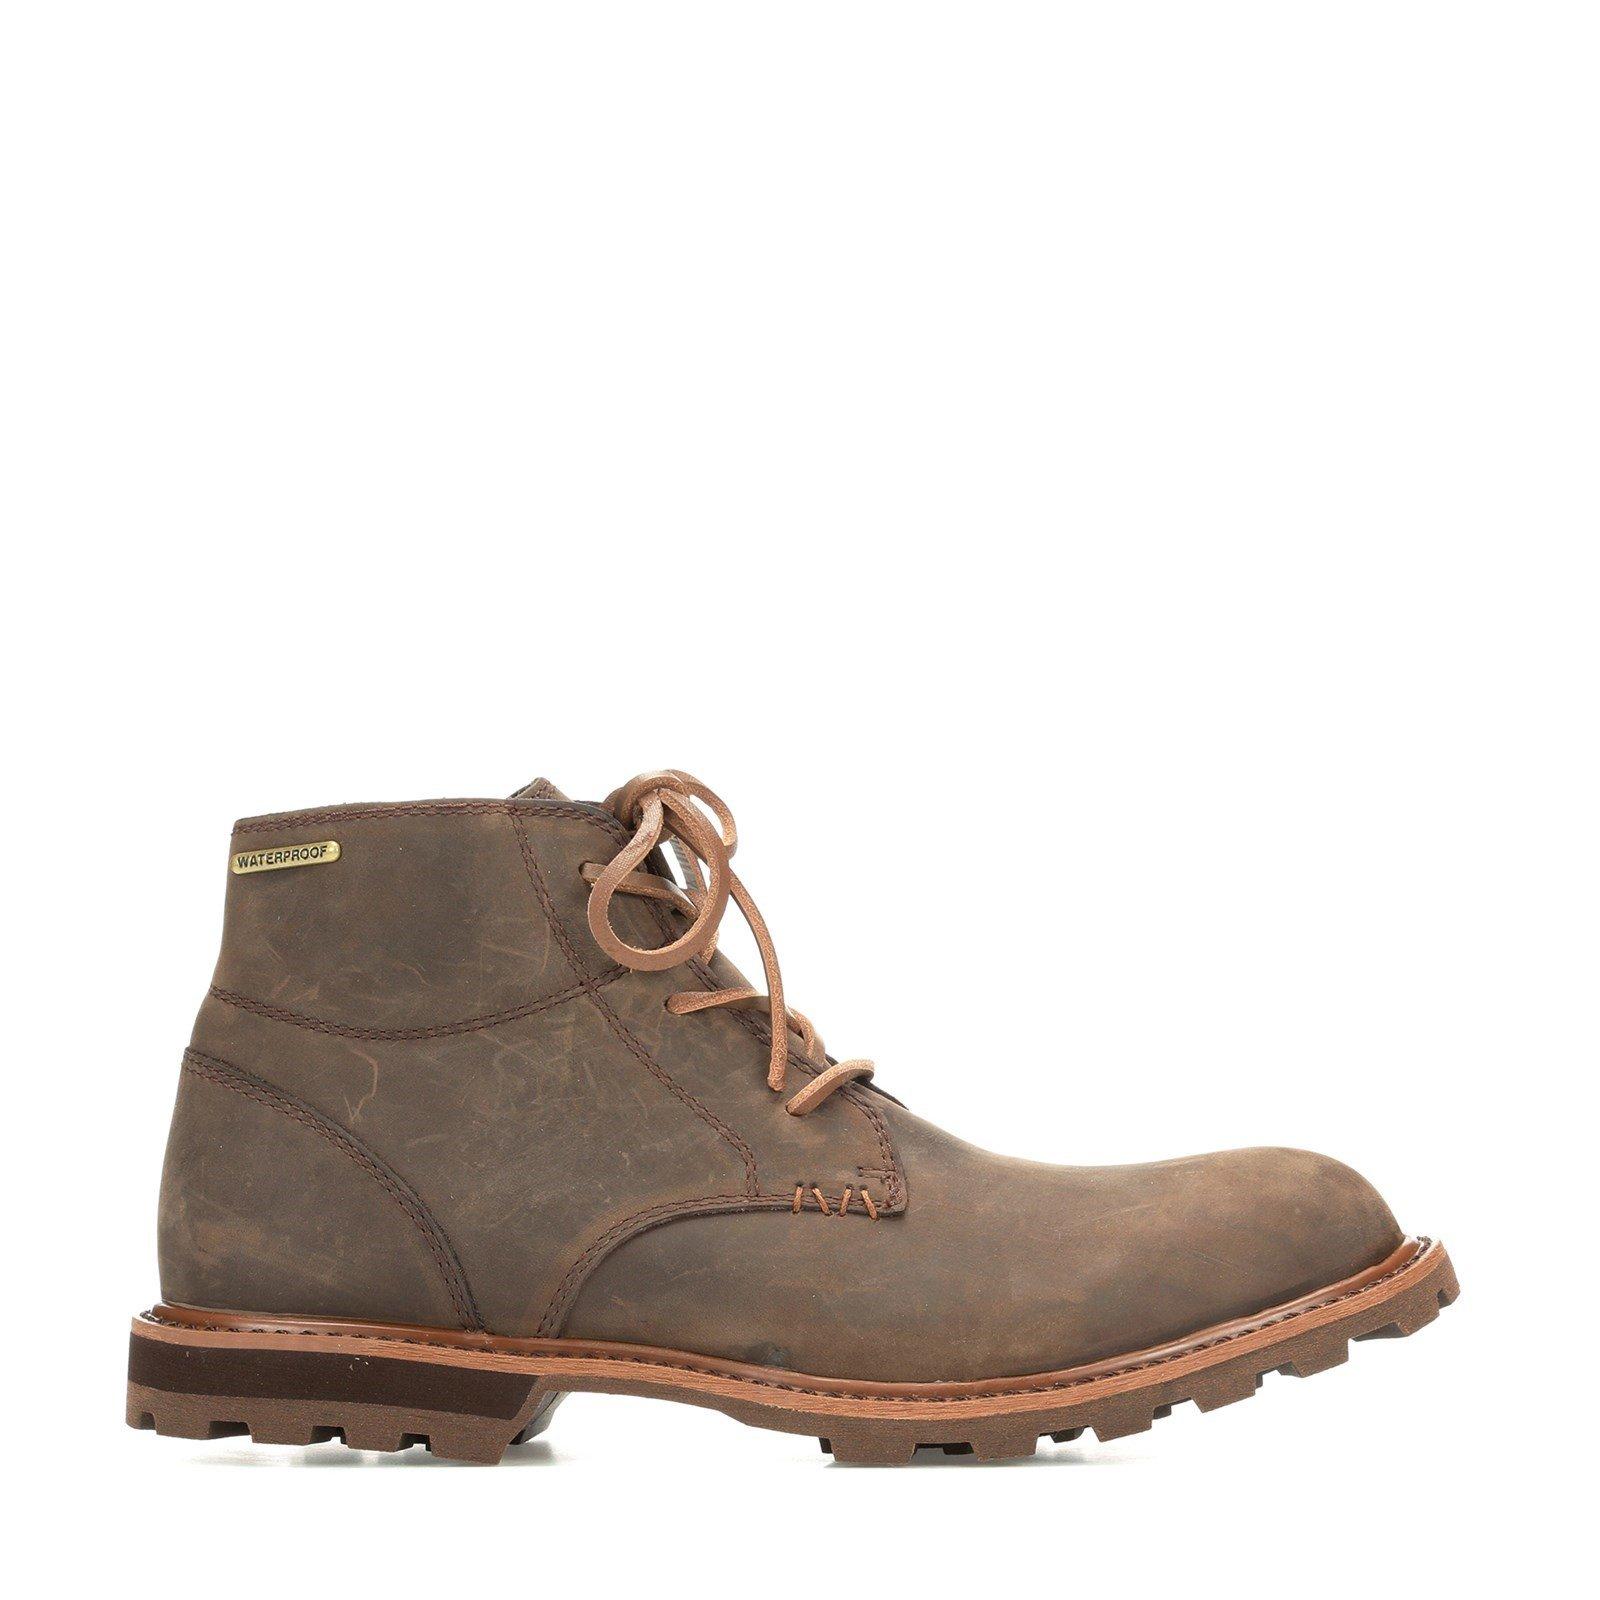 Muck Boots Men's Freeman Boot 31761 - Brown 14